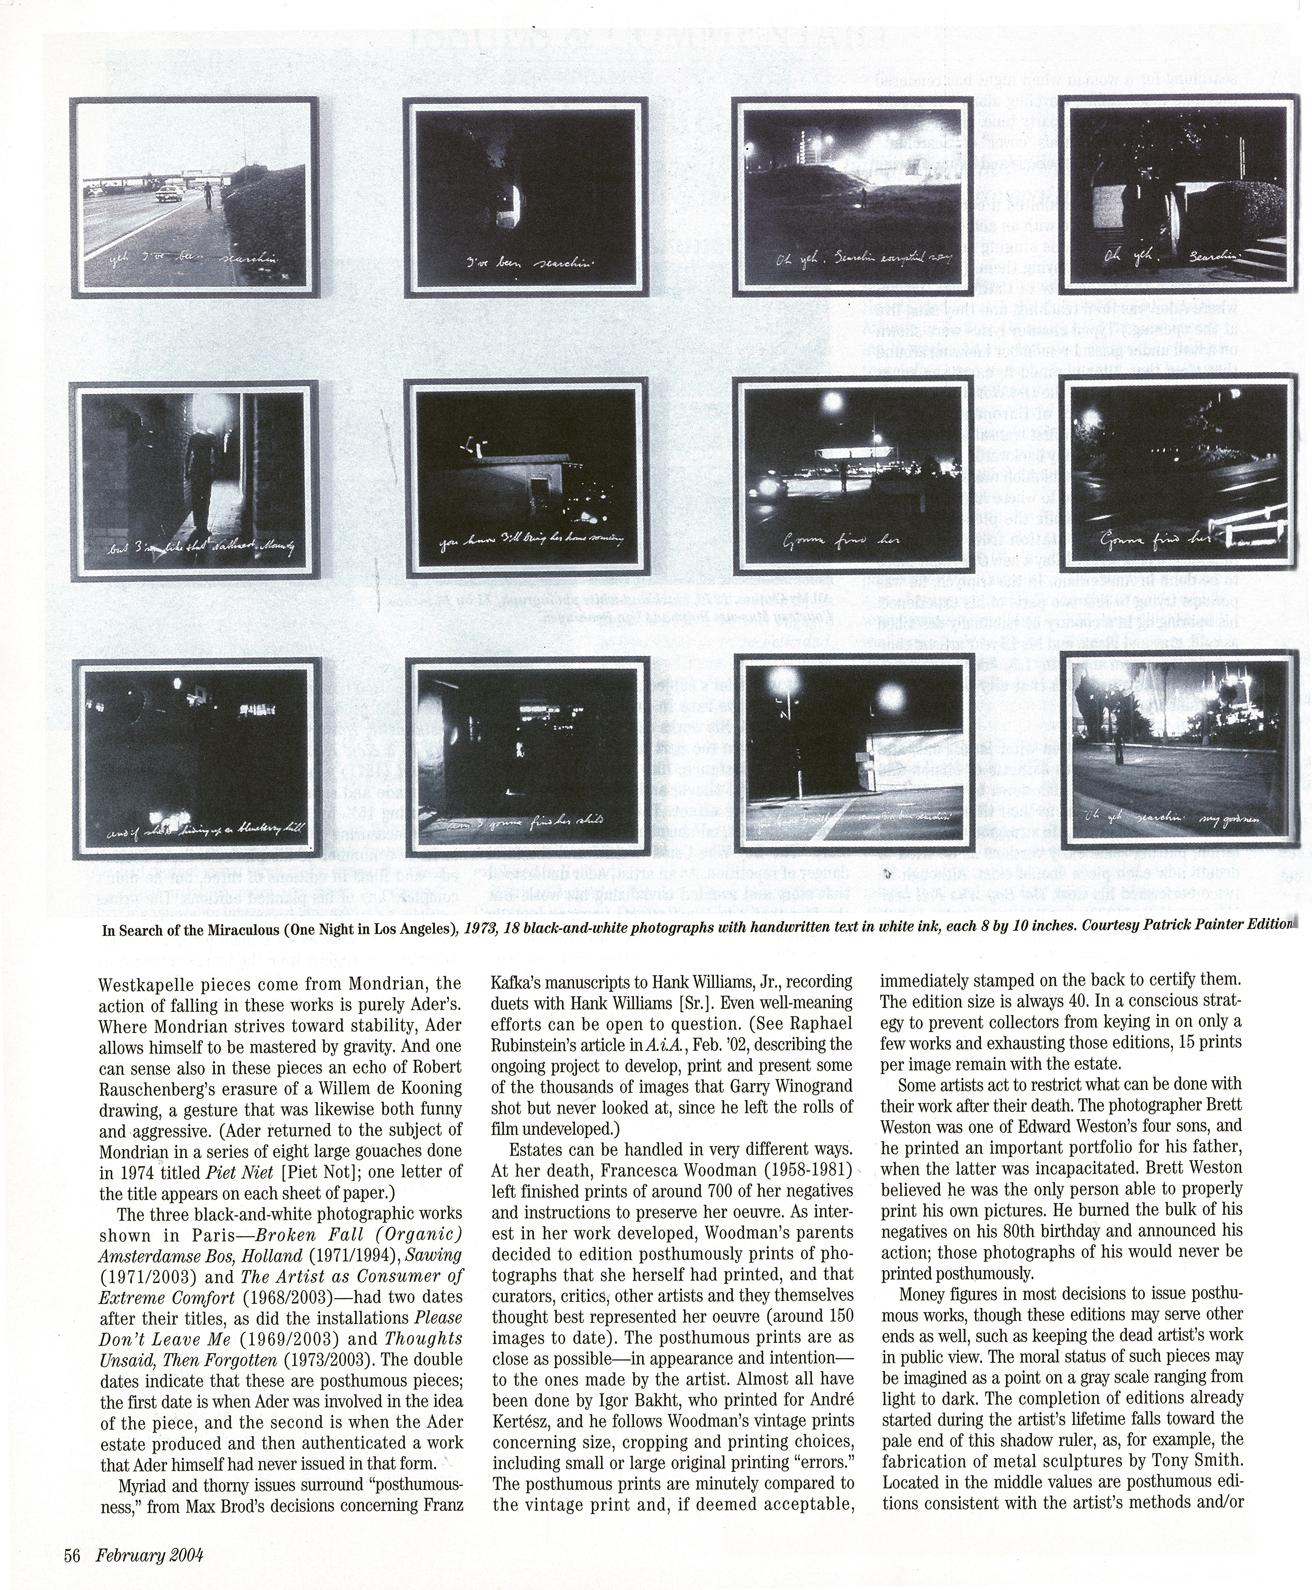 AiA-feb2004-Bas-Jan-Ader-Wade-Saunders (5)